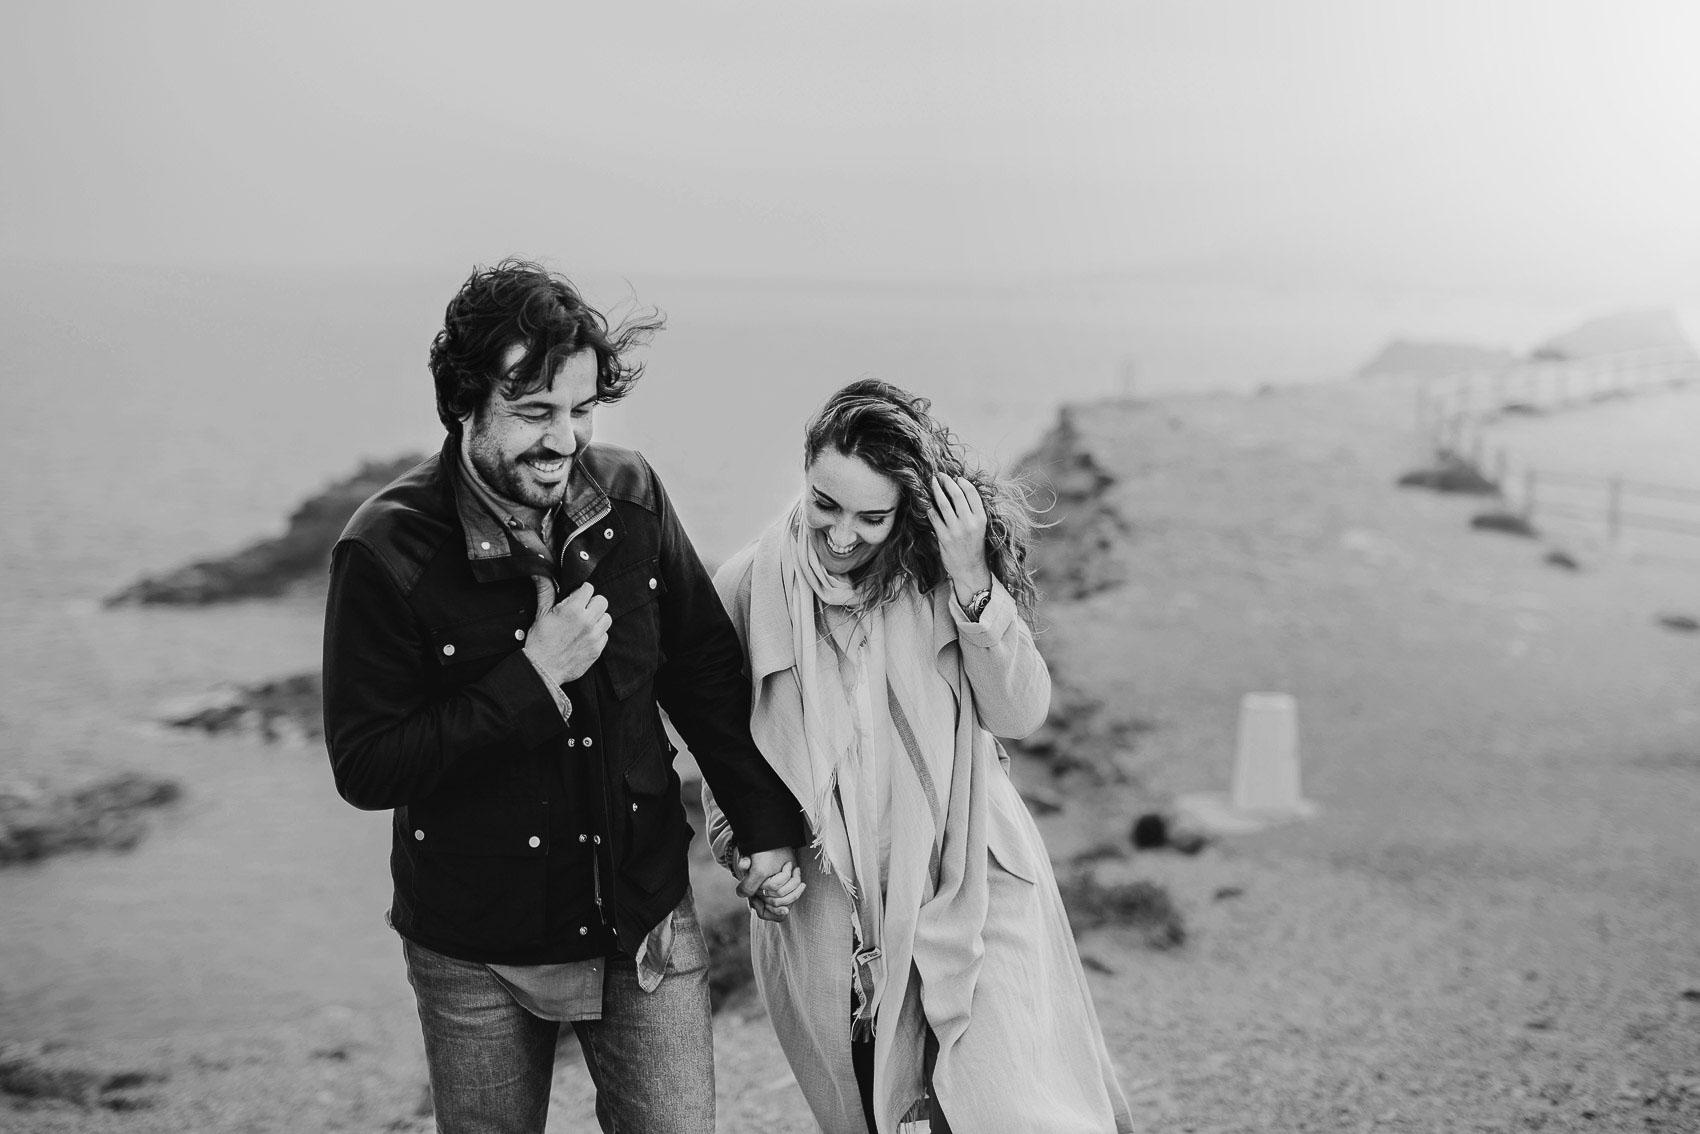 pareja playa frio abrigo manos mar menor vistas